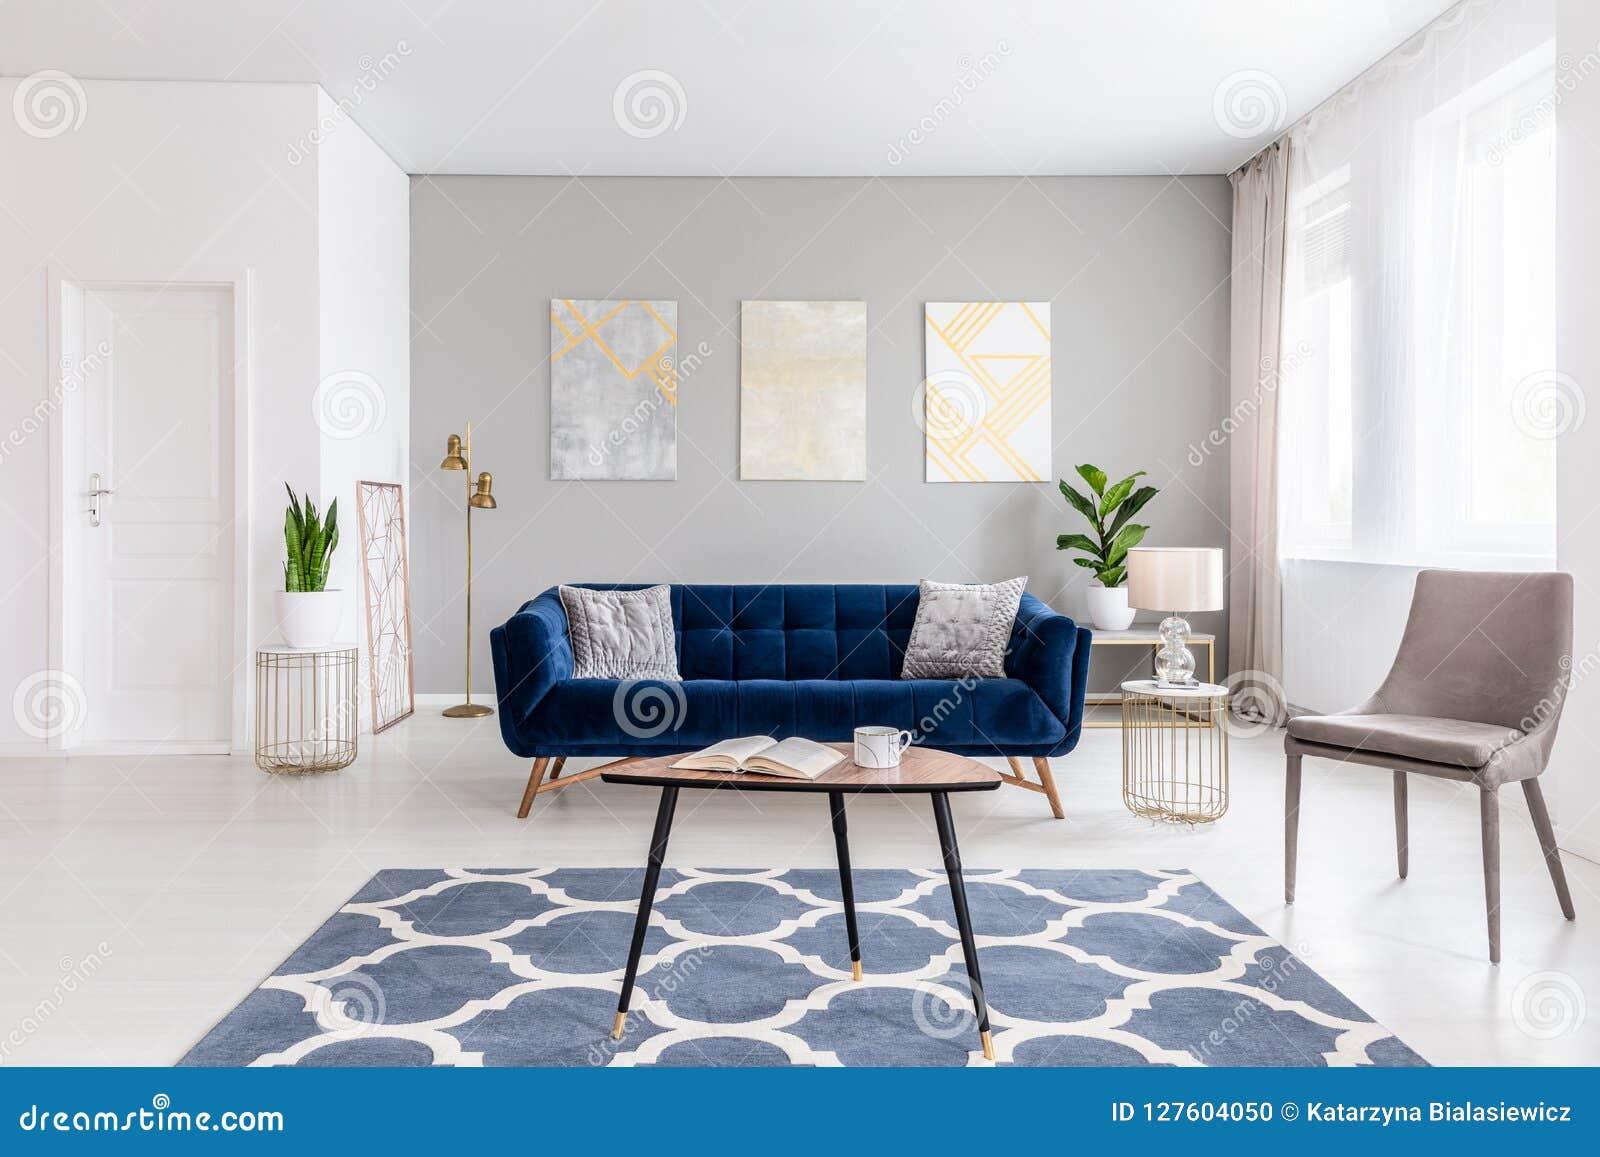 Het binnenland van de open plekwoonkamer met modern binnen meubilair van een marineblauwe sofa, een beige leunstoel, een koffieta